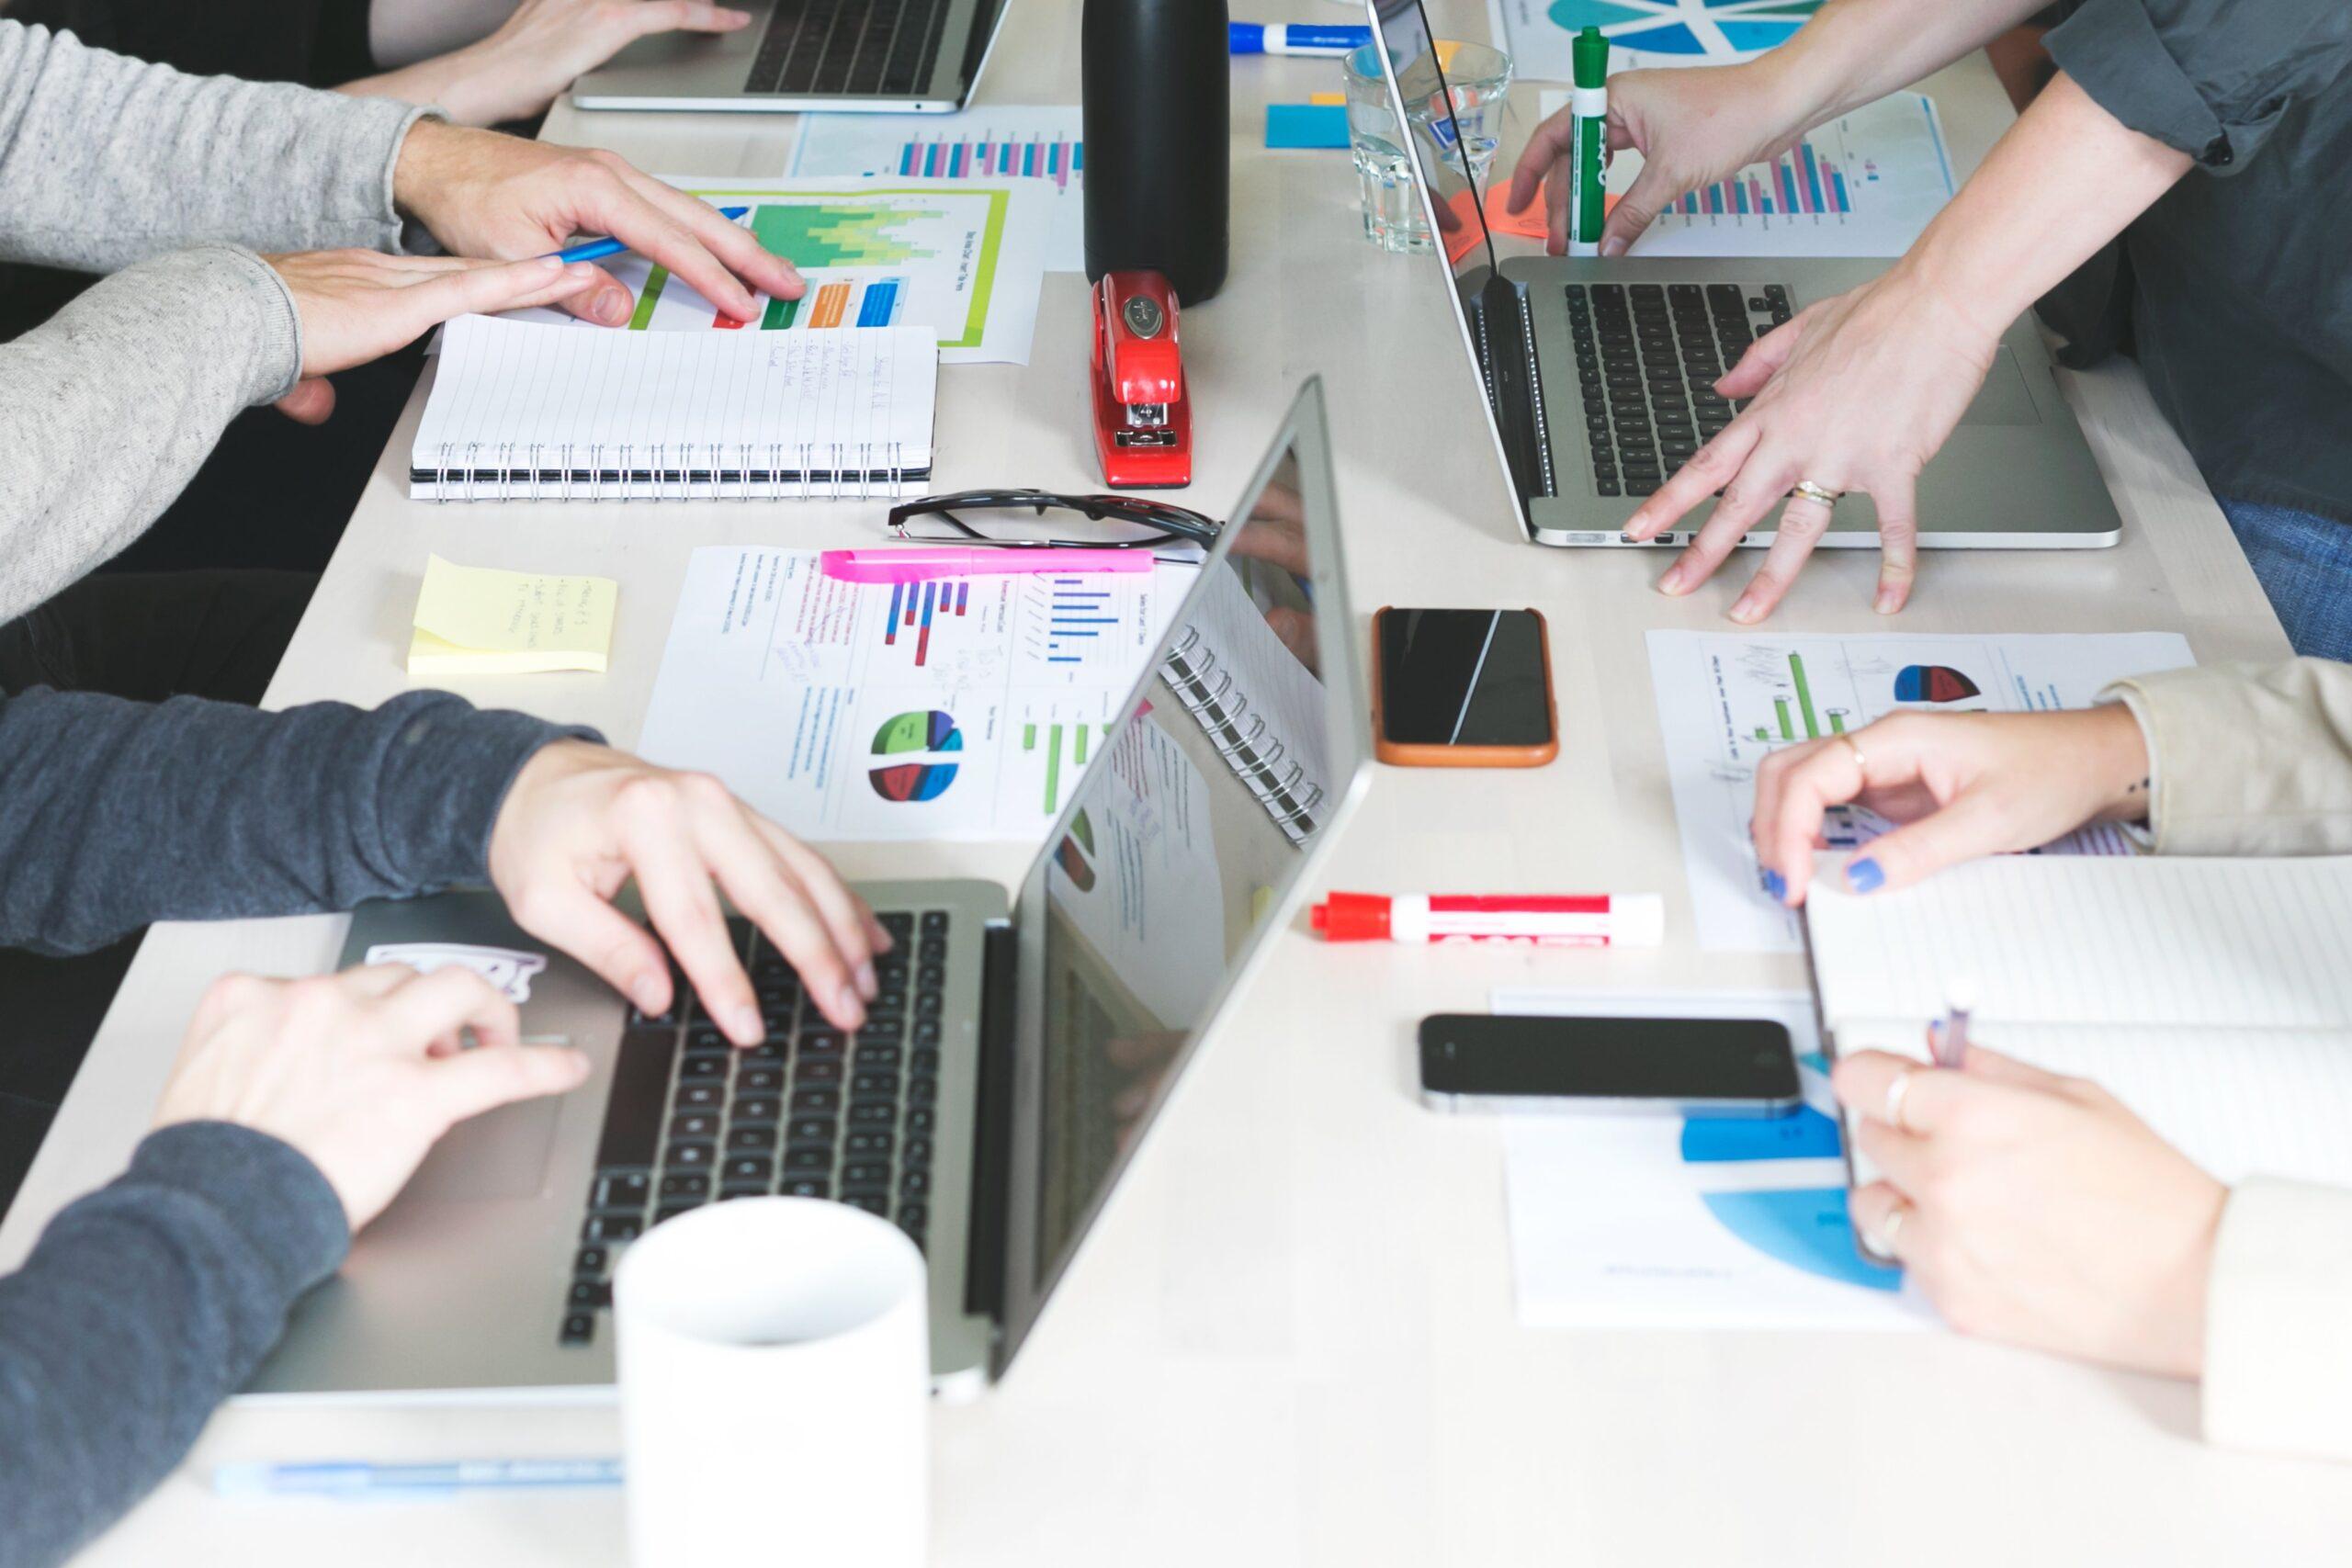 П'ять ефективних способів привернути увагу до стартапу без зайвих витрат - startups, porady, news, online-marketing